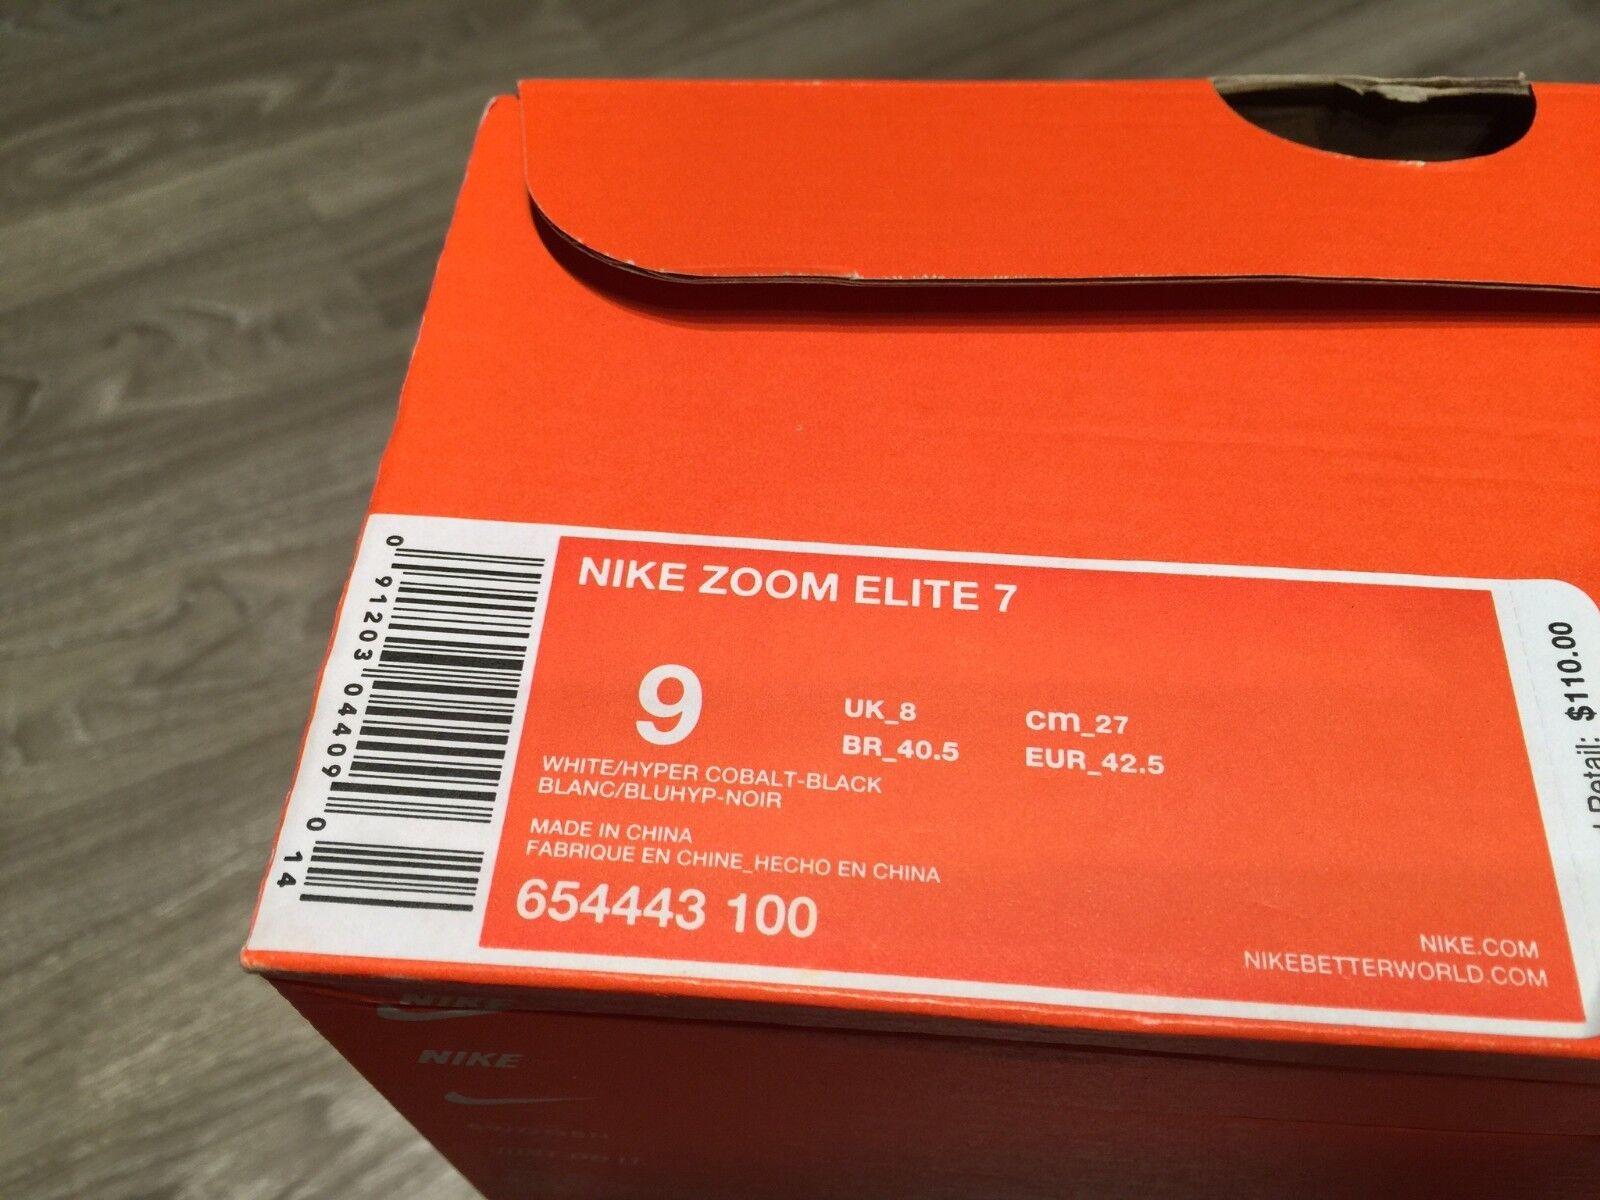 Nike Zoom Elite 7 Men Running Shoes White/Hyper Cobalt-Black 654443-100 NIB 110